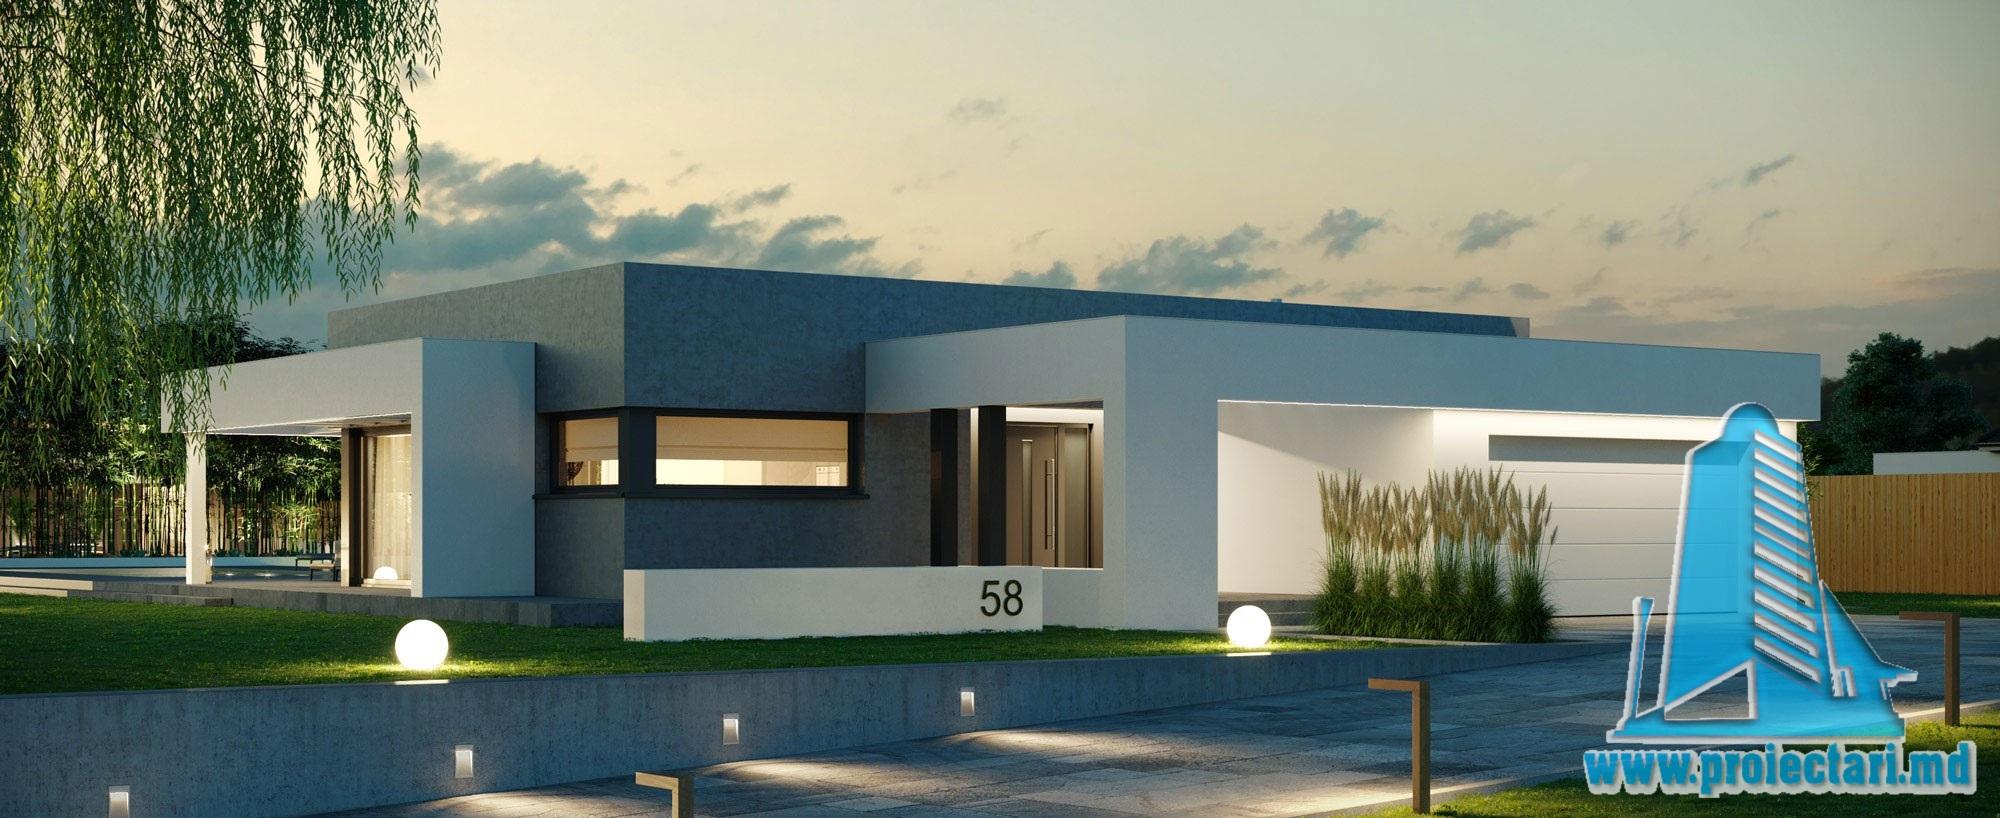 Casa cu parter, acoperis plat si garaj pentru 2 automobile 100992